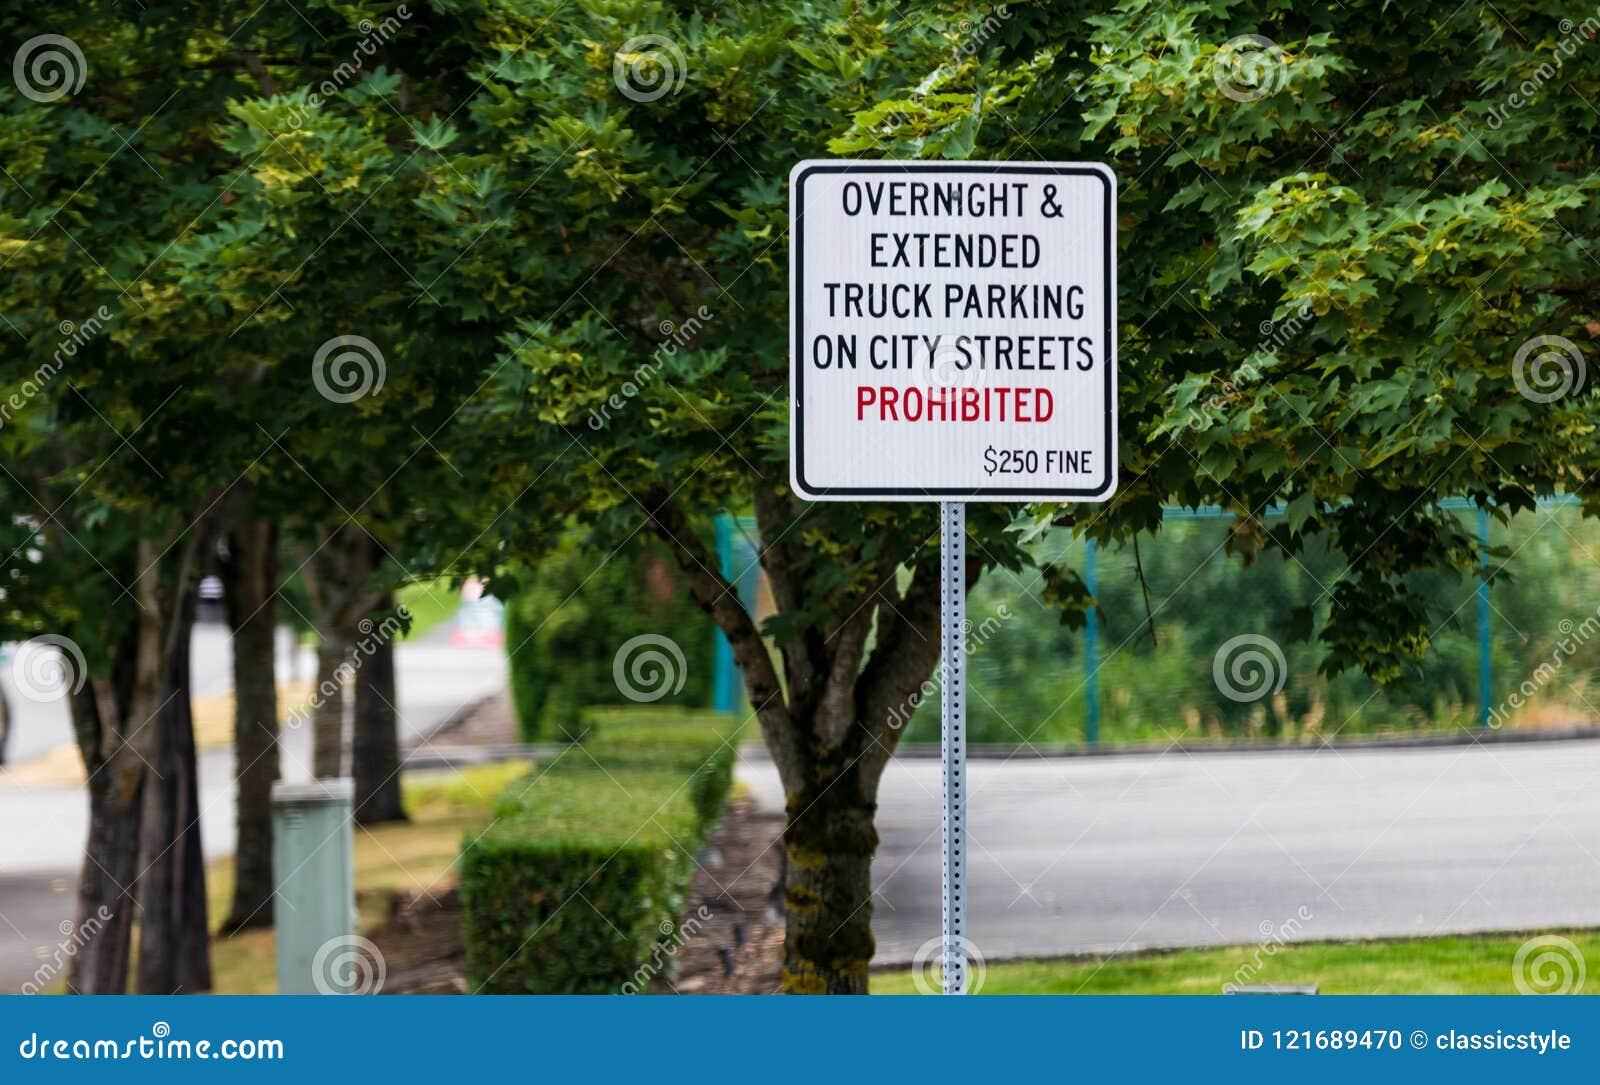 Nenhum estacionamento durante a noite sinal proibido com multa